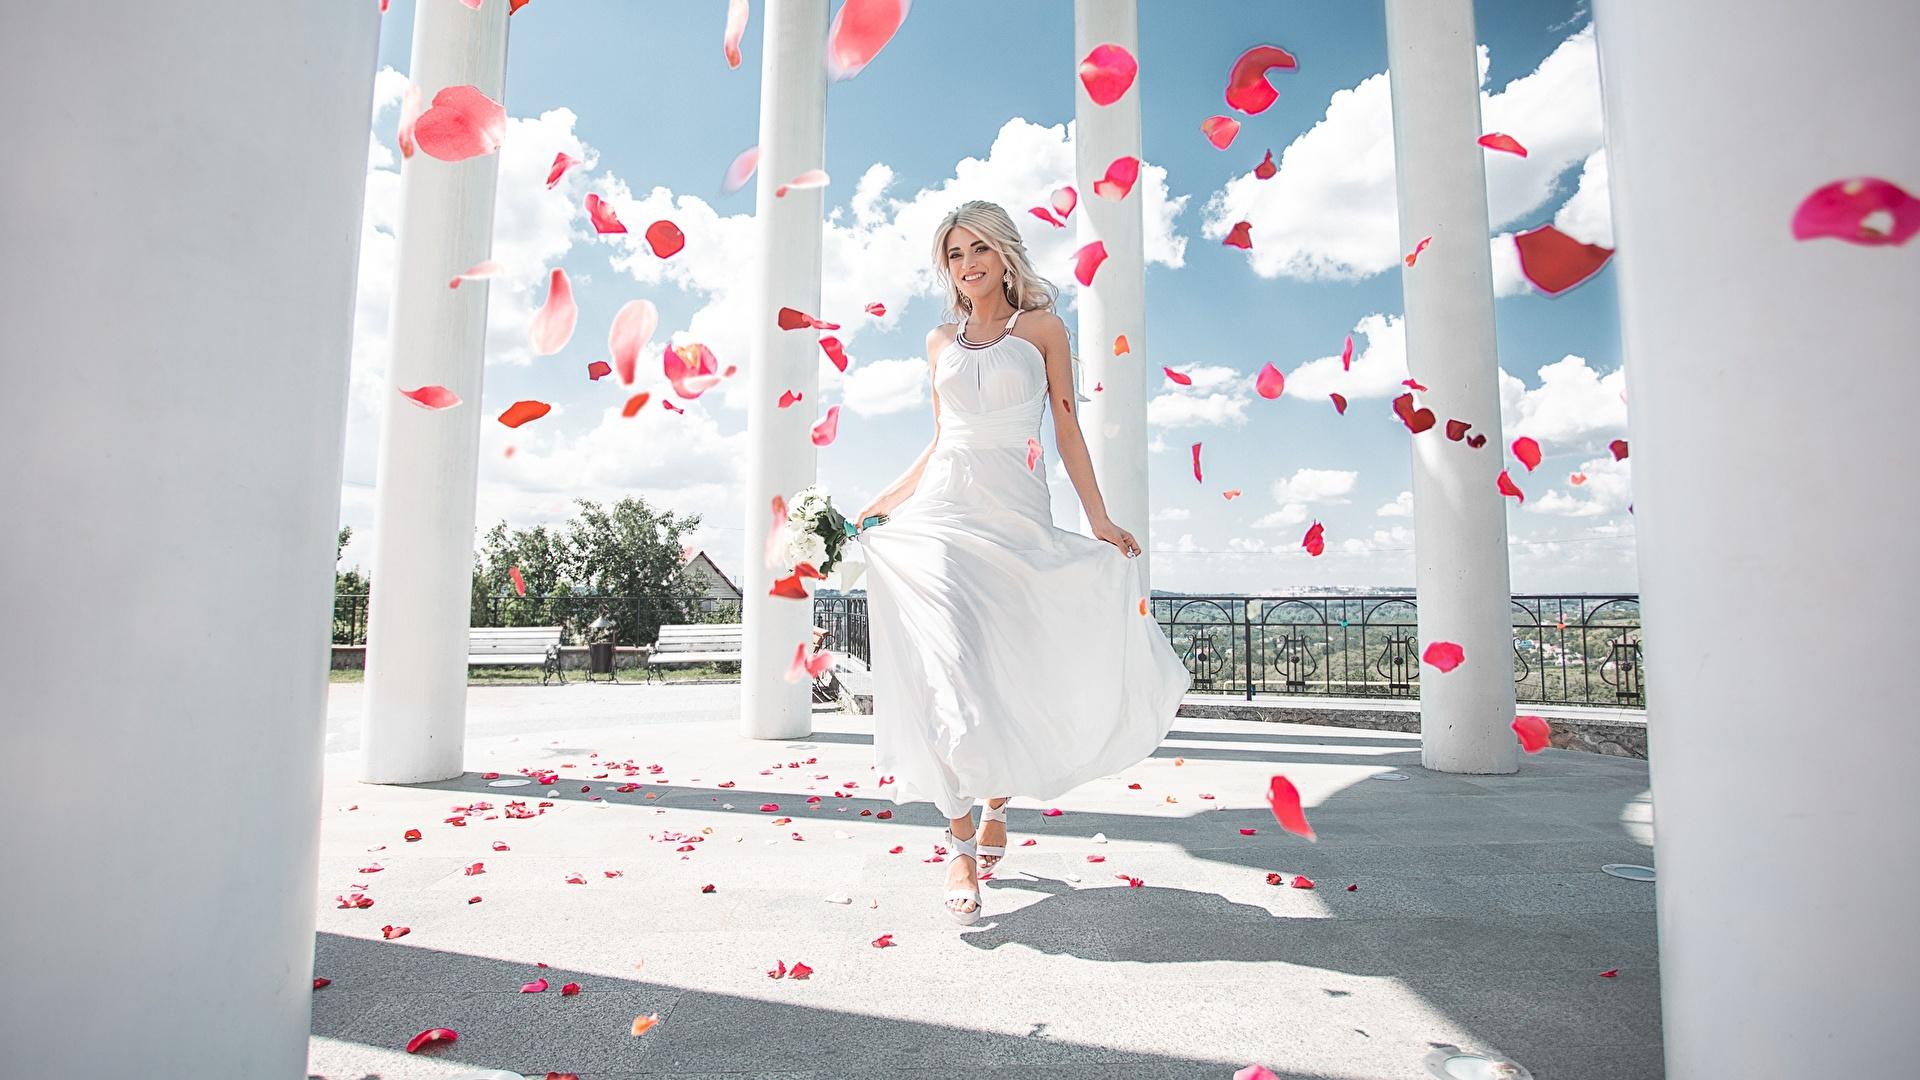 Фото колонны Maxim Tumanov Девушки Лепестки платья 1920x1080 Колонна девушка лепестков молодые женщины молодая женщина Платье